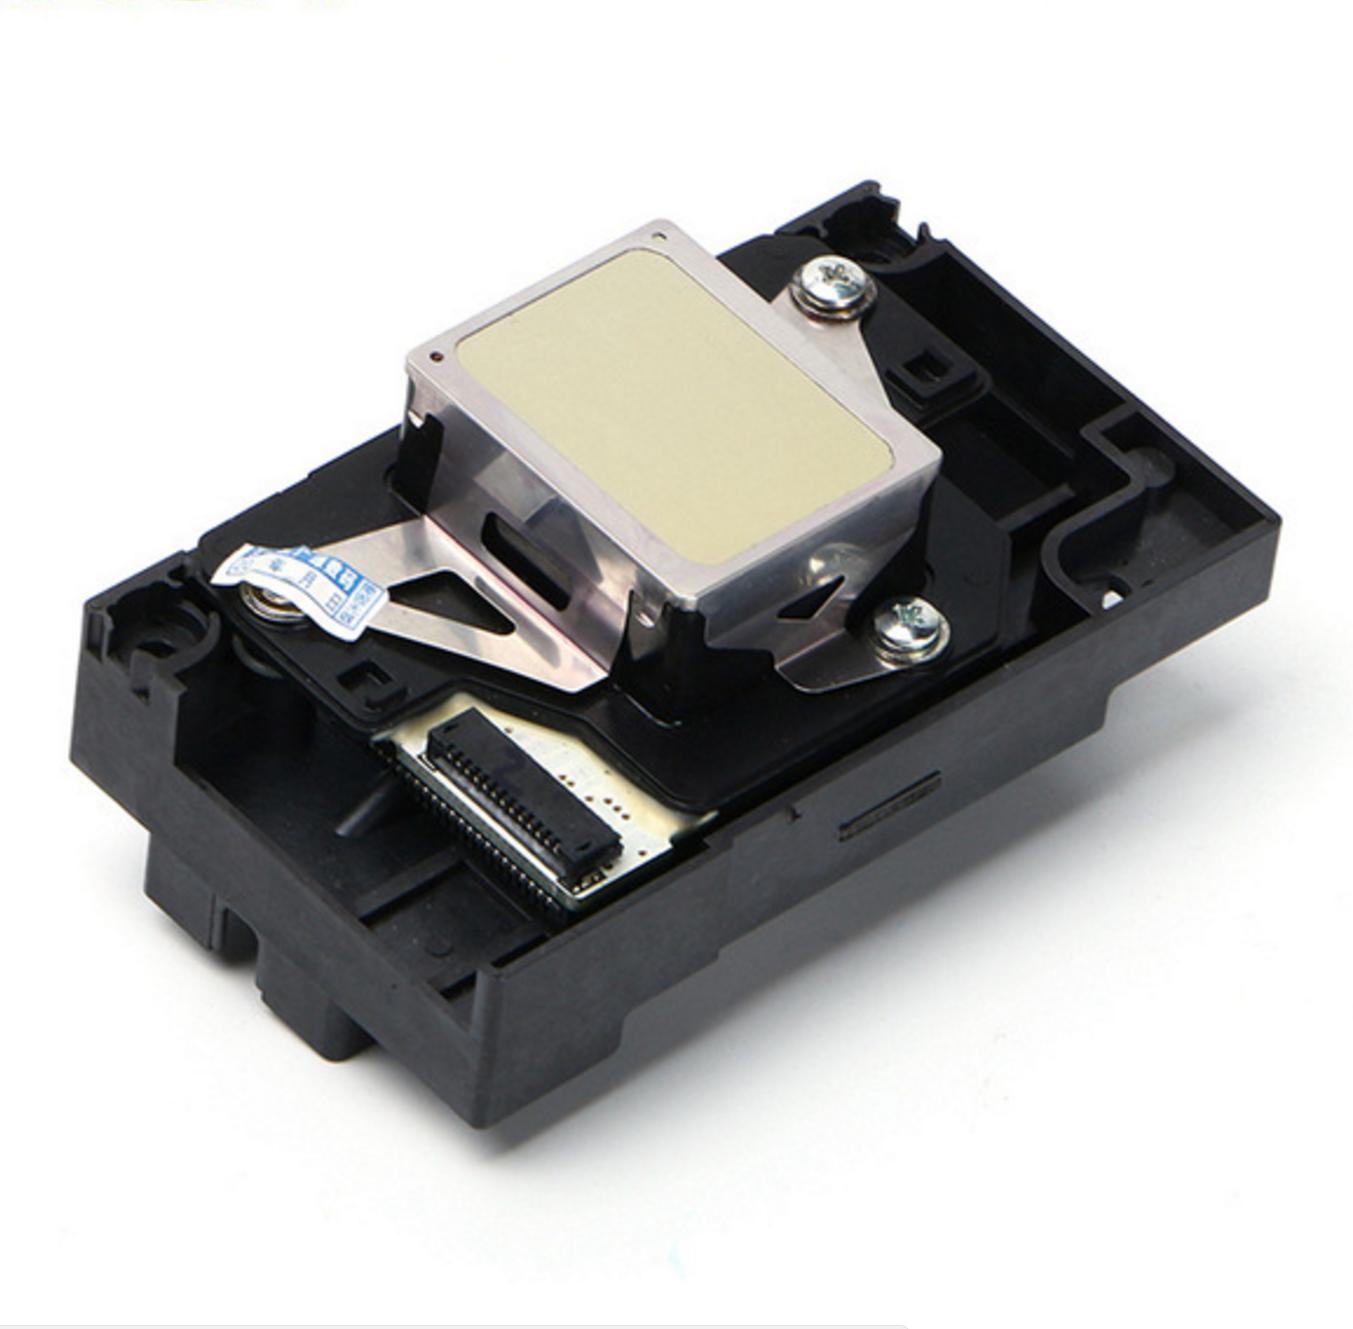 15 Sets Original Waste Ink Tank Pad Sponge For Epson T50 T60 P50 P60 A50 L800 L801 L805 R280 R290 R330 Rx600 Rx610 Rx690 Px650 Office Electronics